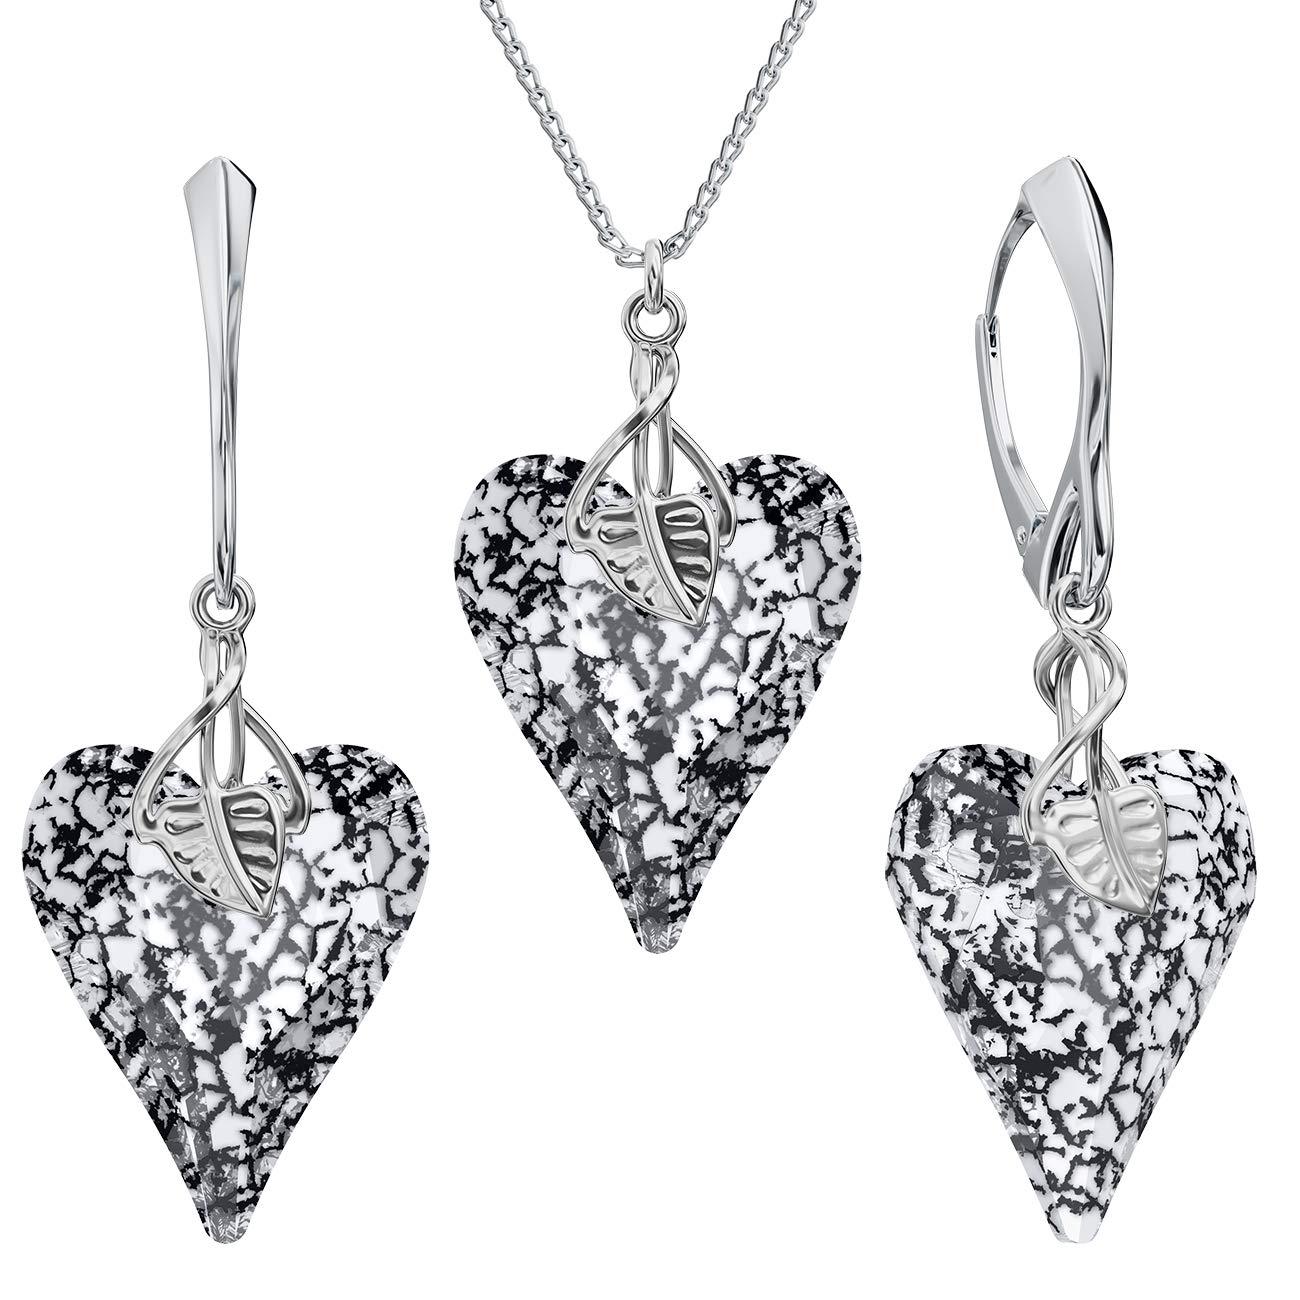 Couleurs variantes Schmuckanthony Parure de bijoux en argent 925 avec cristaux Swarovski pour femme avec coffret cadeau PIN//75 Parure de bijoux Motif c/œur Beforya Paris**